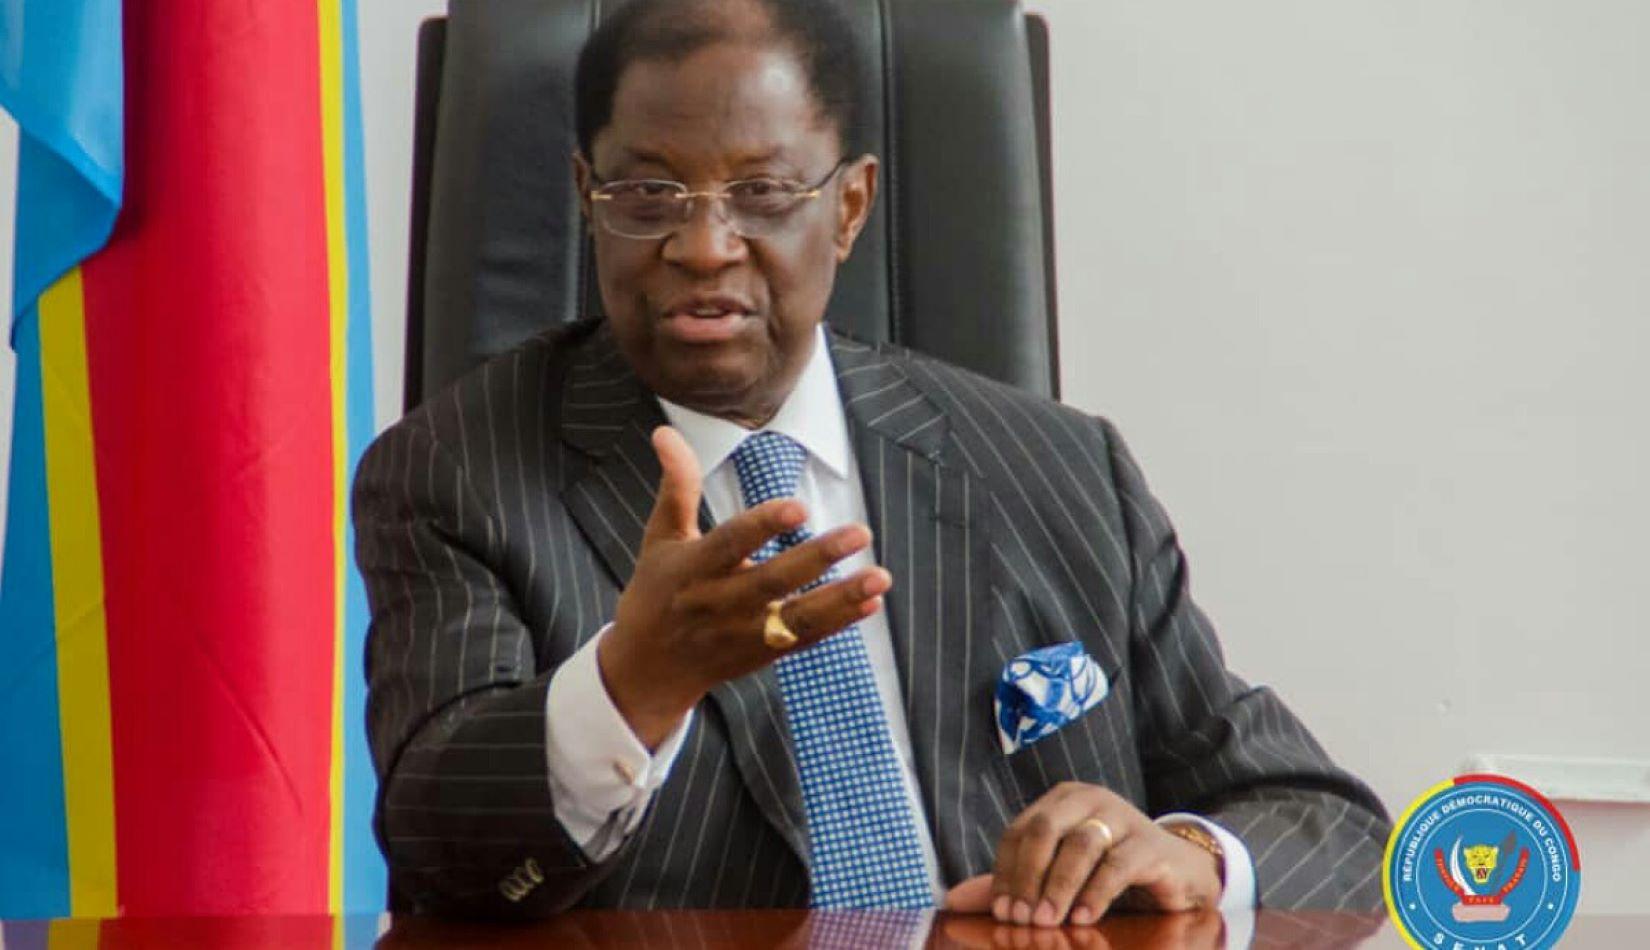 RDC: le président du Sénat, Alexis Thambwe Mwamba, poursuivi pour détournement de fonds publics